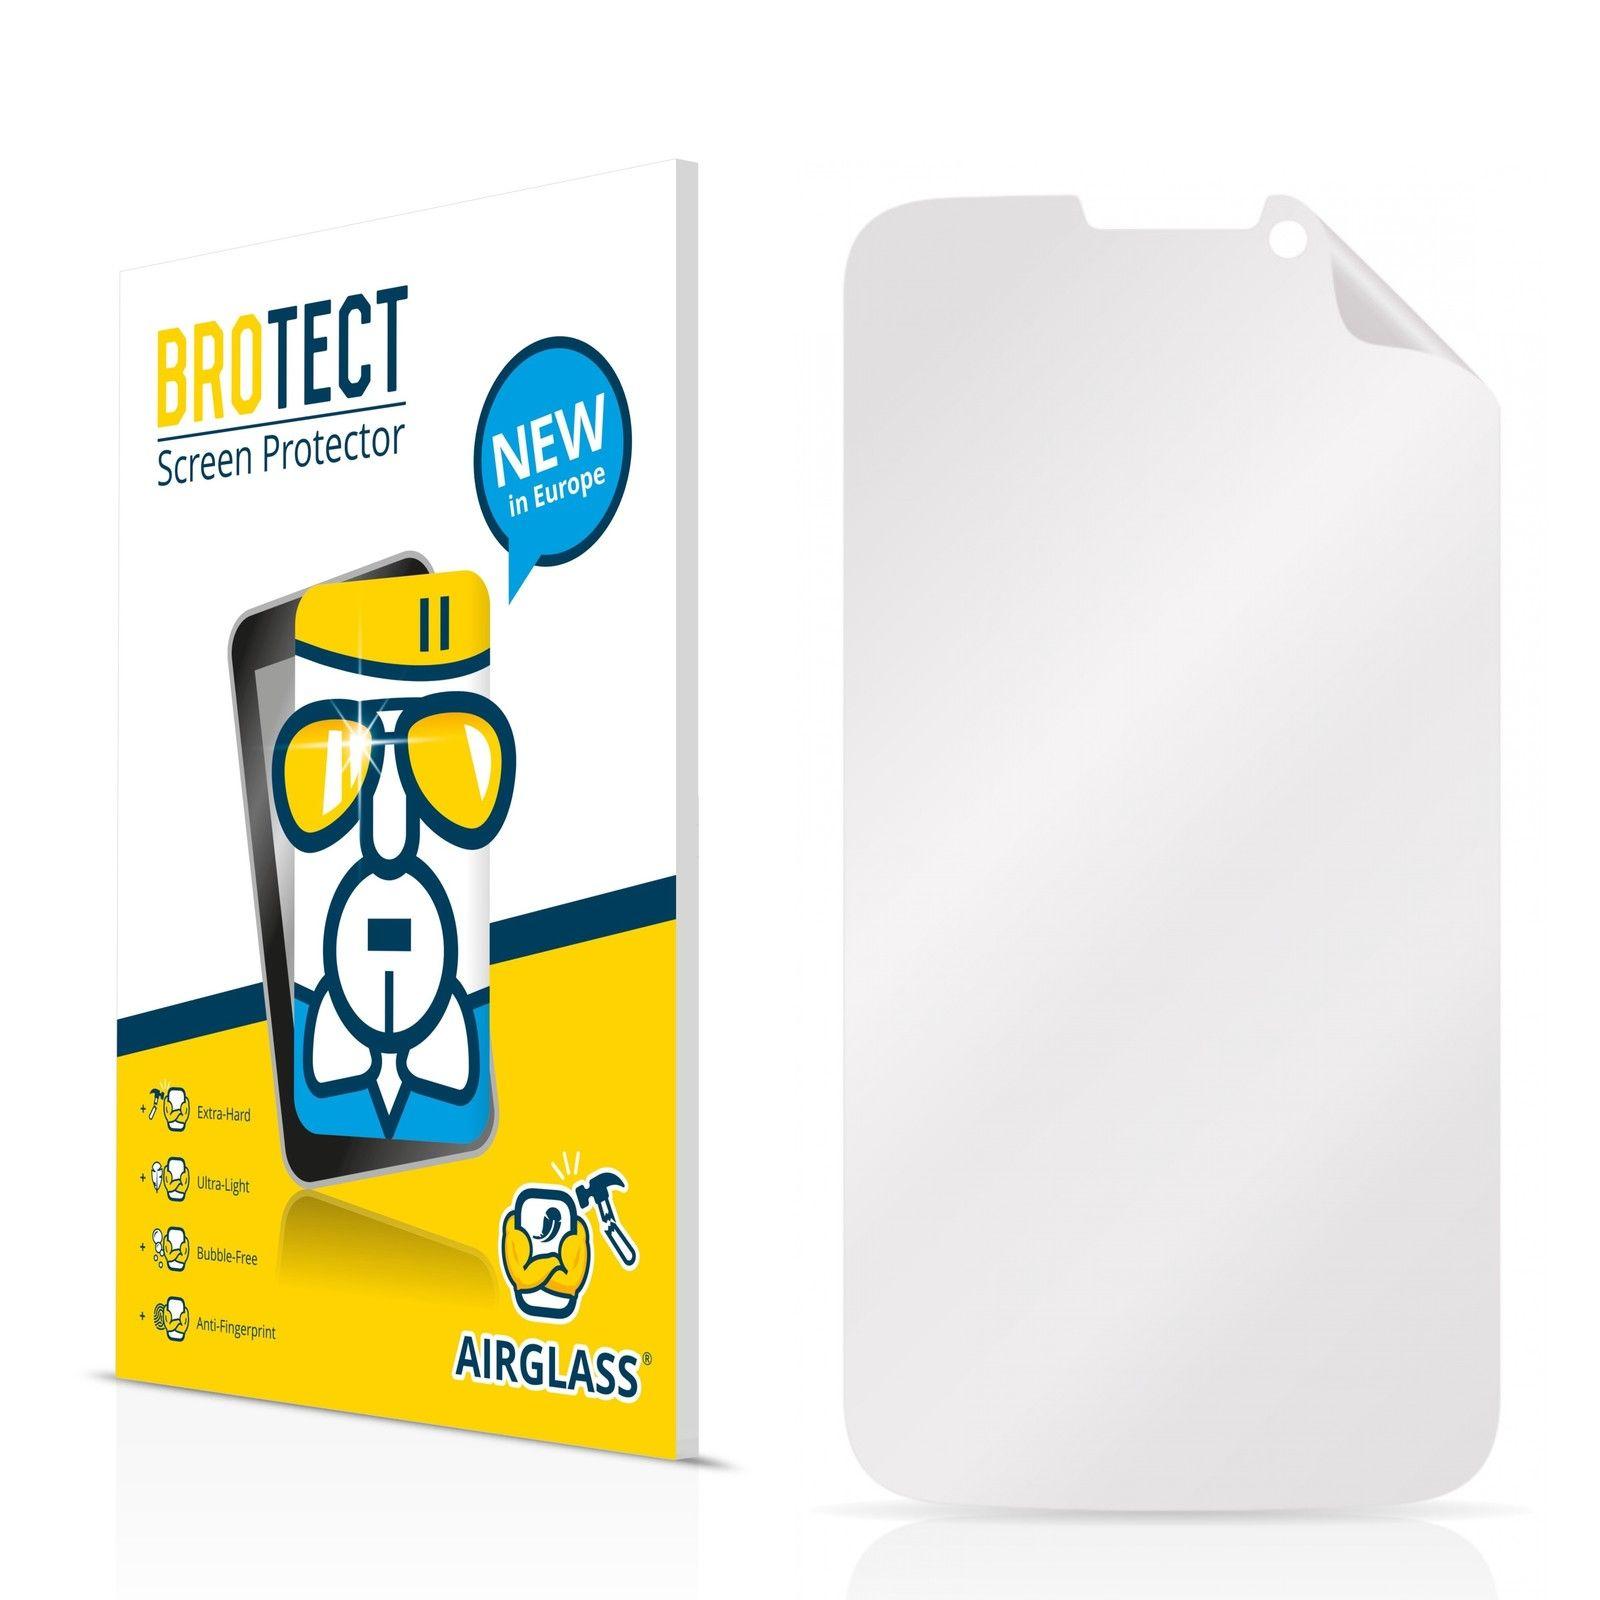 Extra tvrzená ochranná fólie (tvrzené sklo) AirGlass Brotec na LCD pro Prestigio MultiPhone 5503 Duo